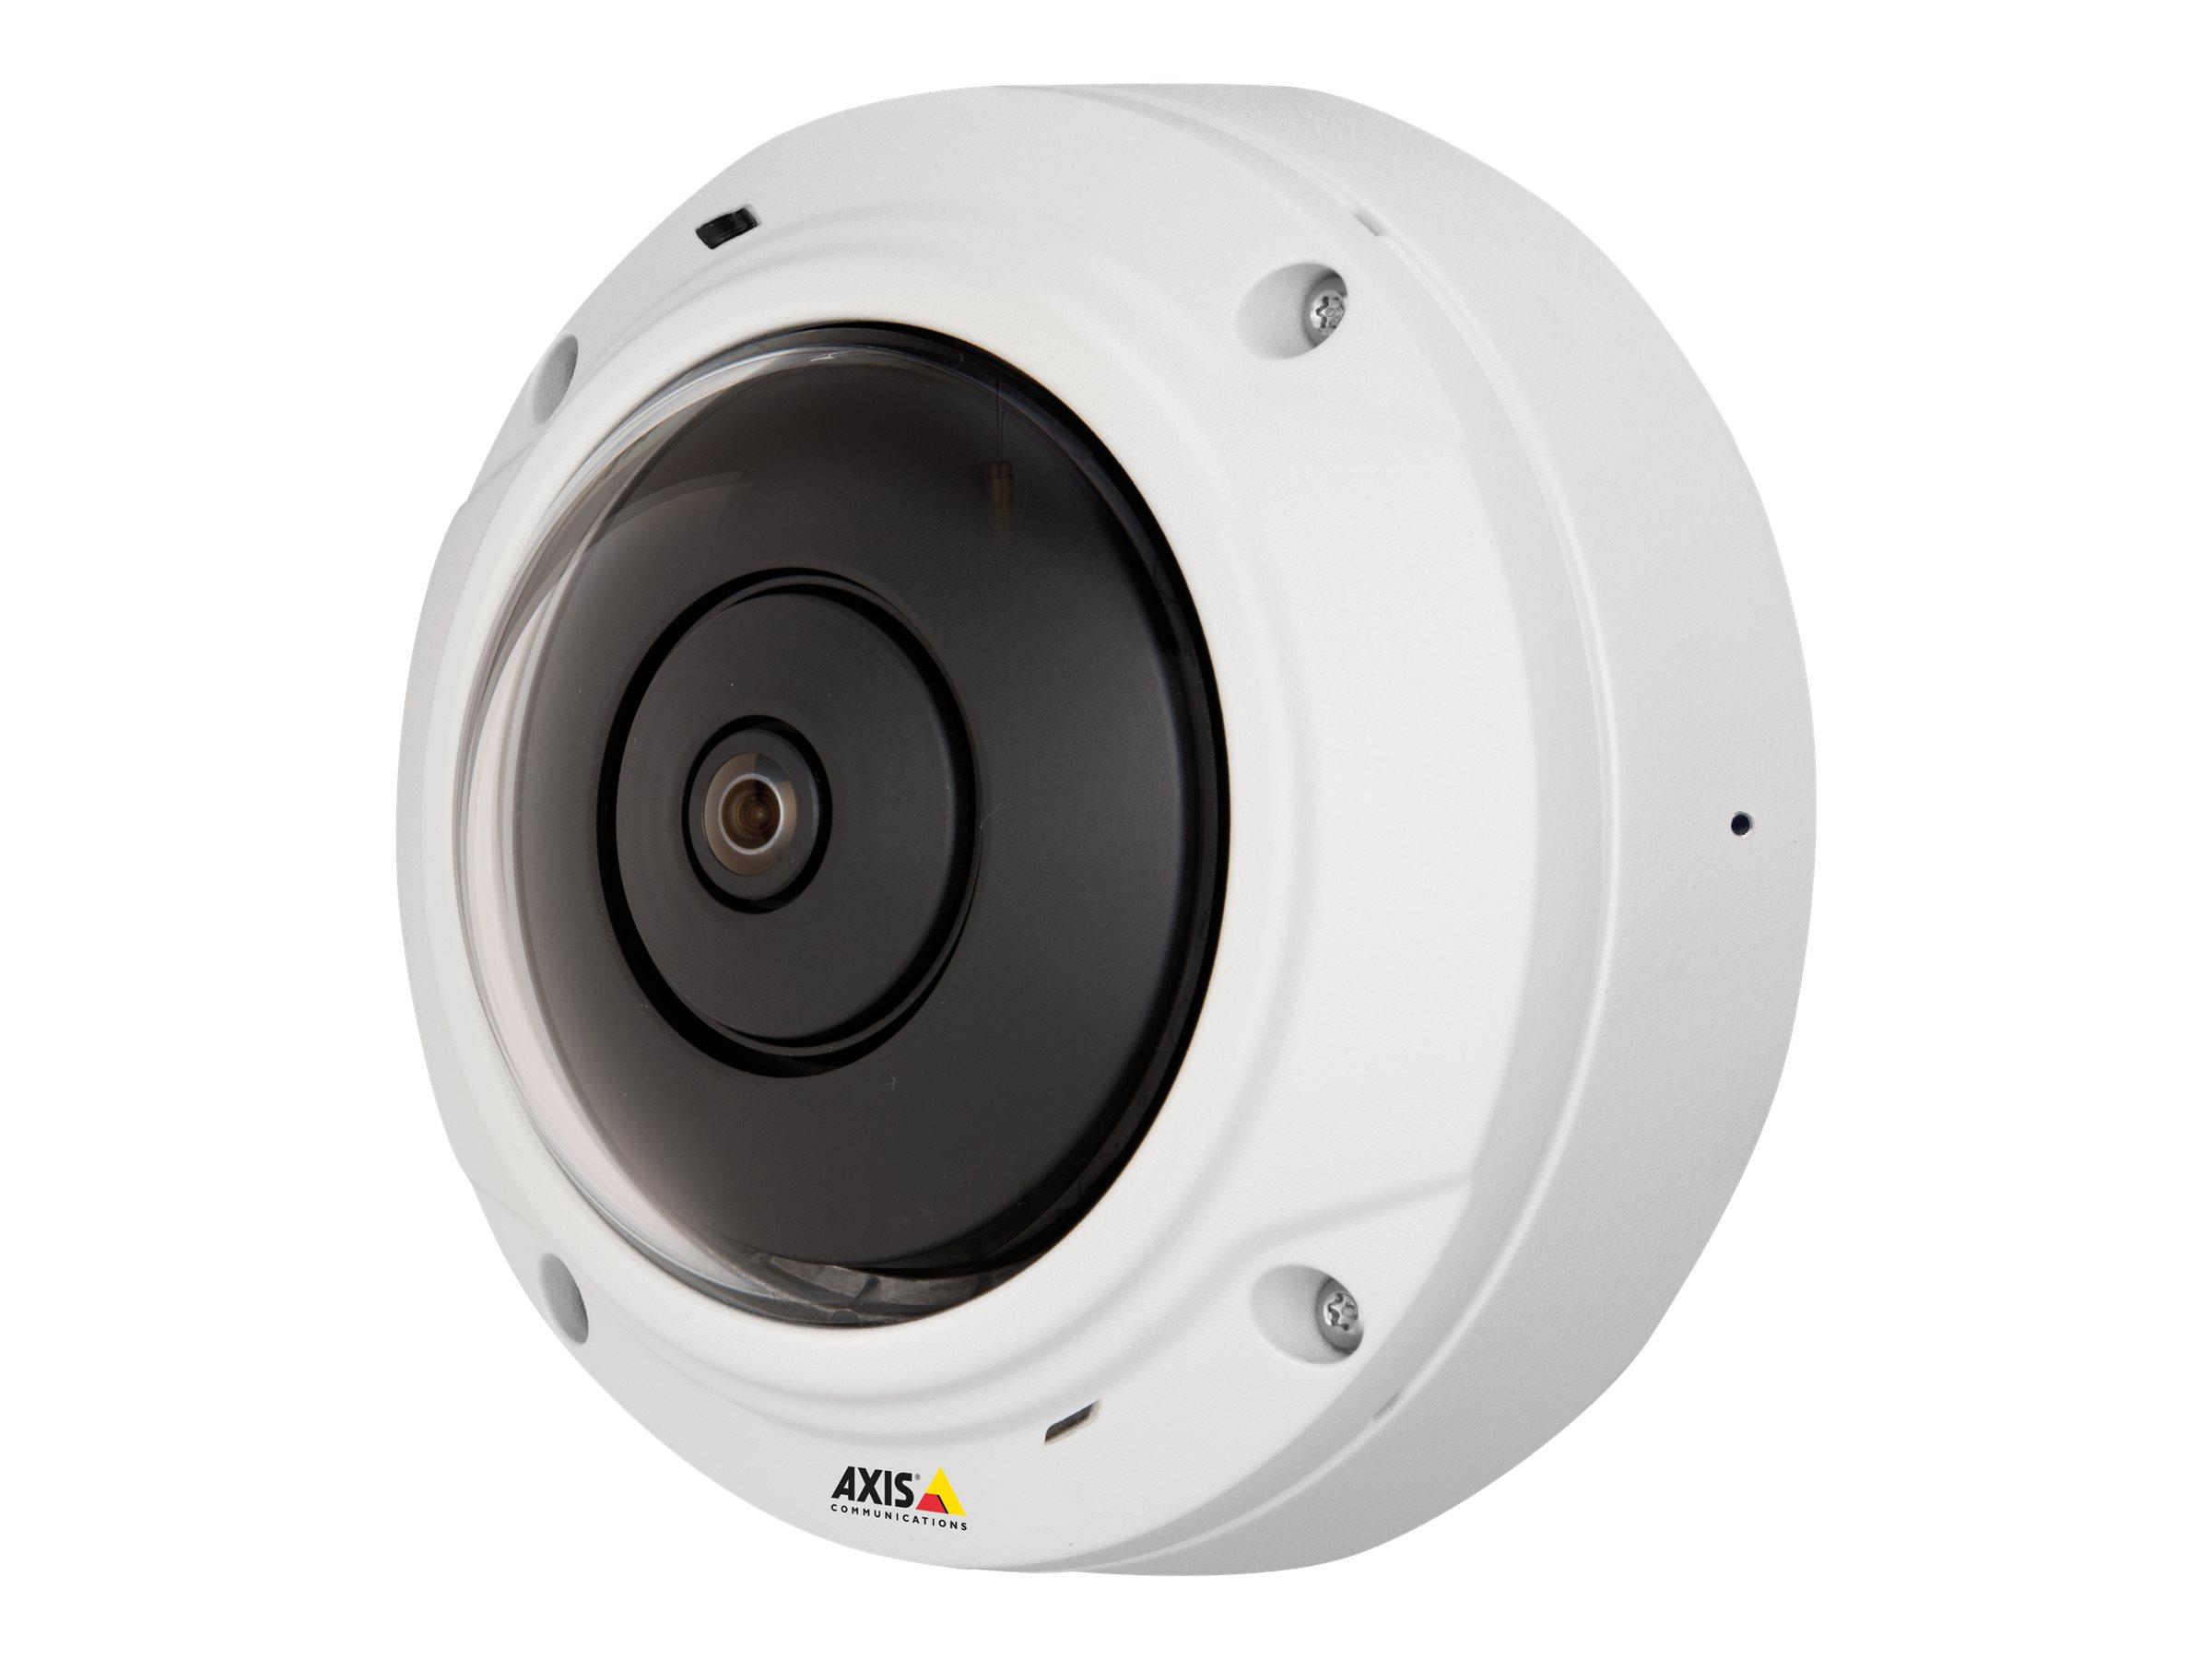 AXIS M3037-PVE - Netzwerk-Überwachungskamera - Kuppel - Aussenbereich - Vandalismussicher / Wetterbeständig - Farbe (Tag&Nacht)